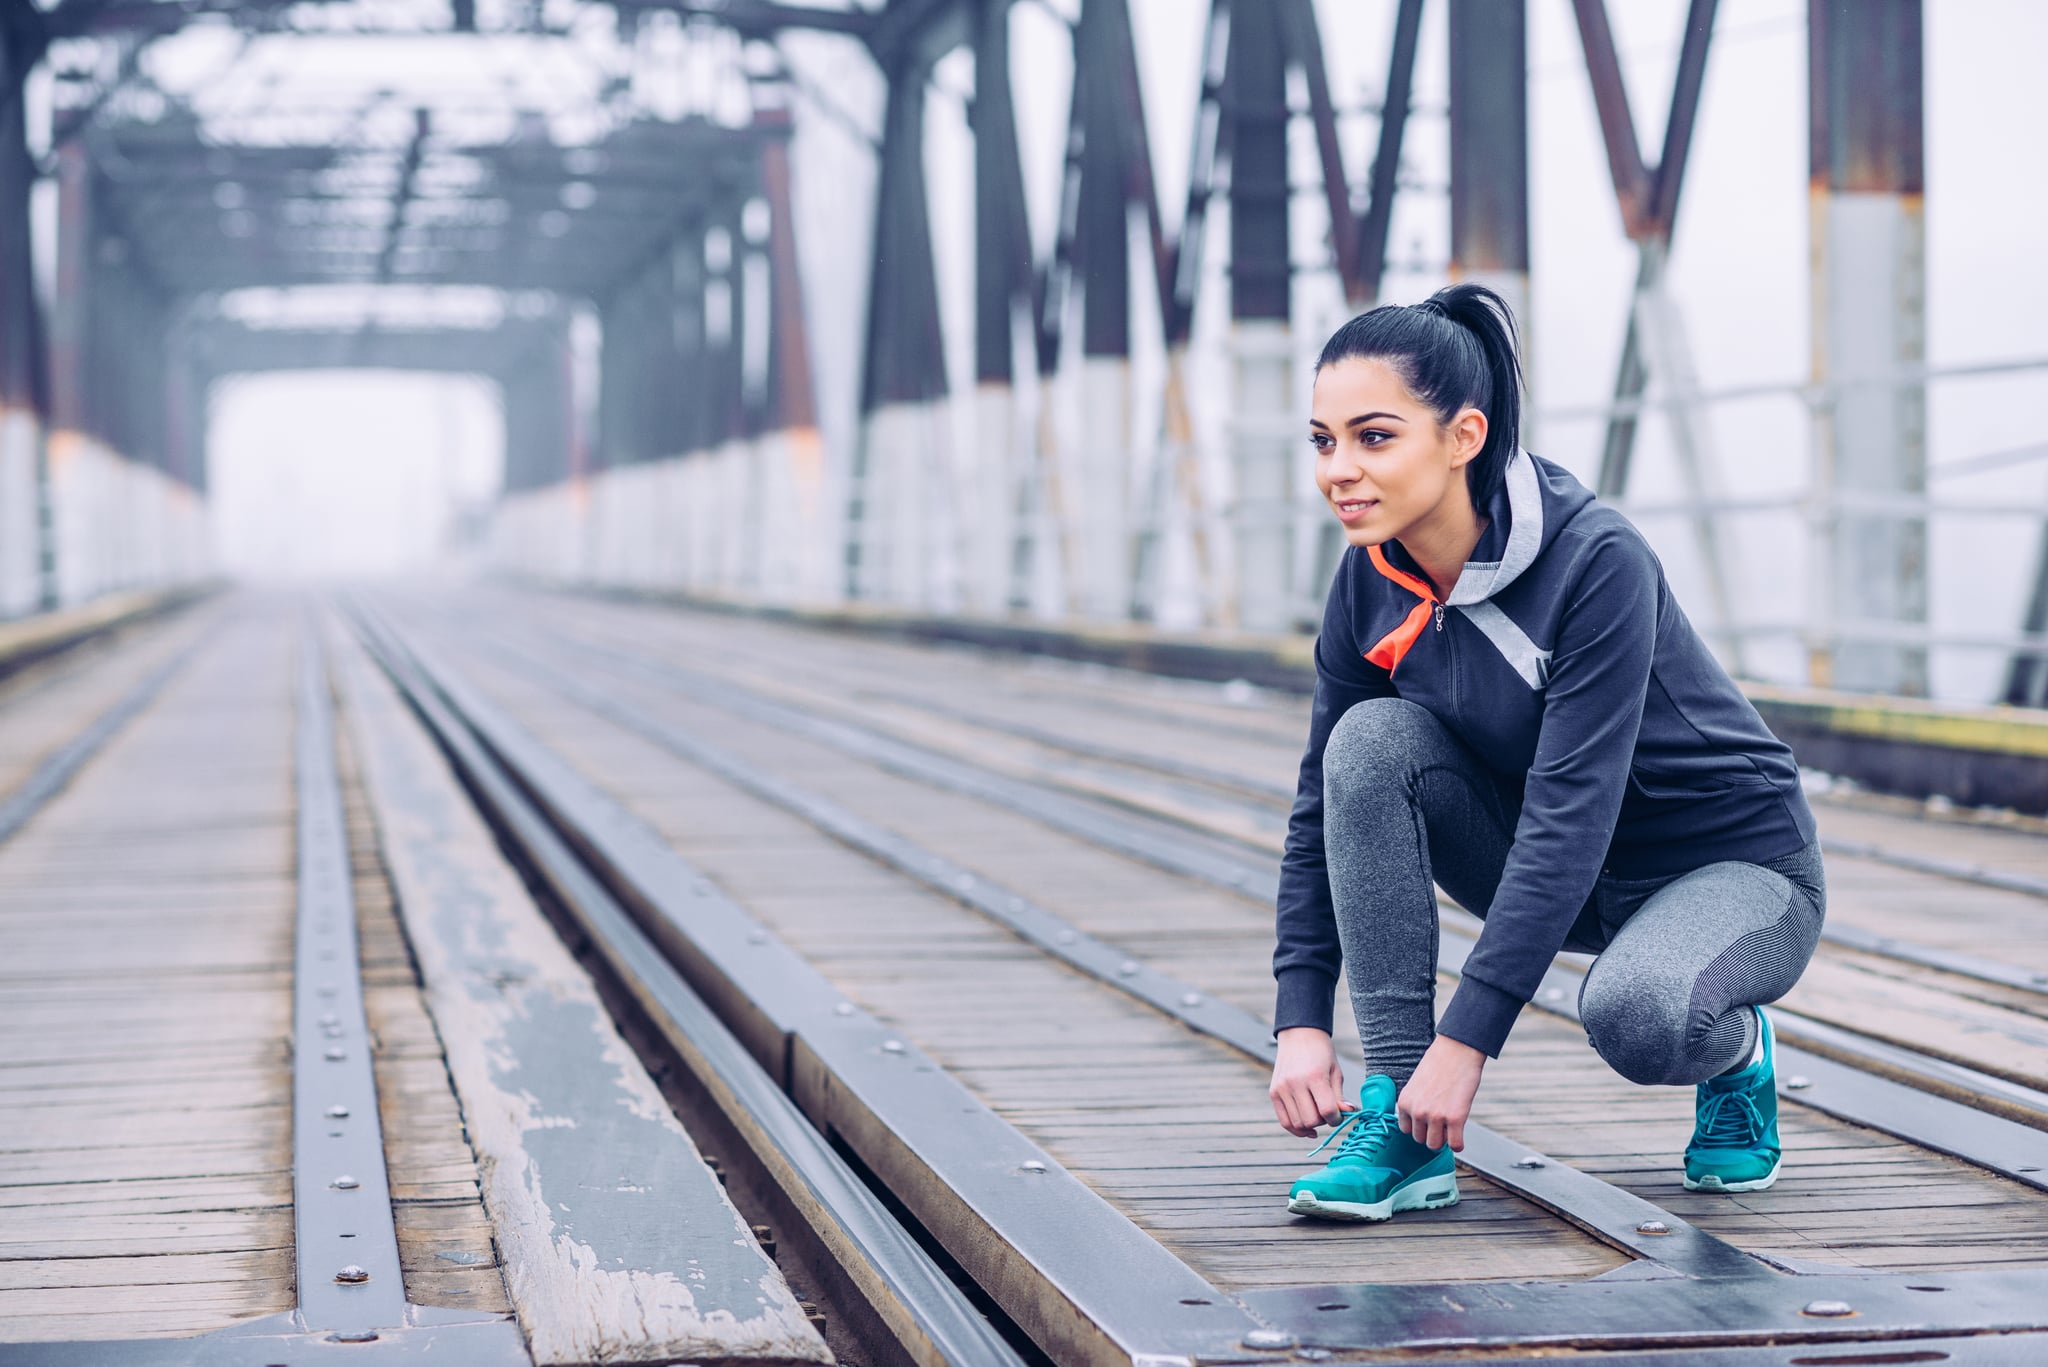 running bridges